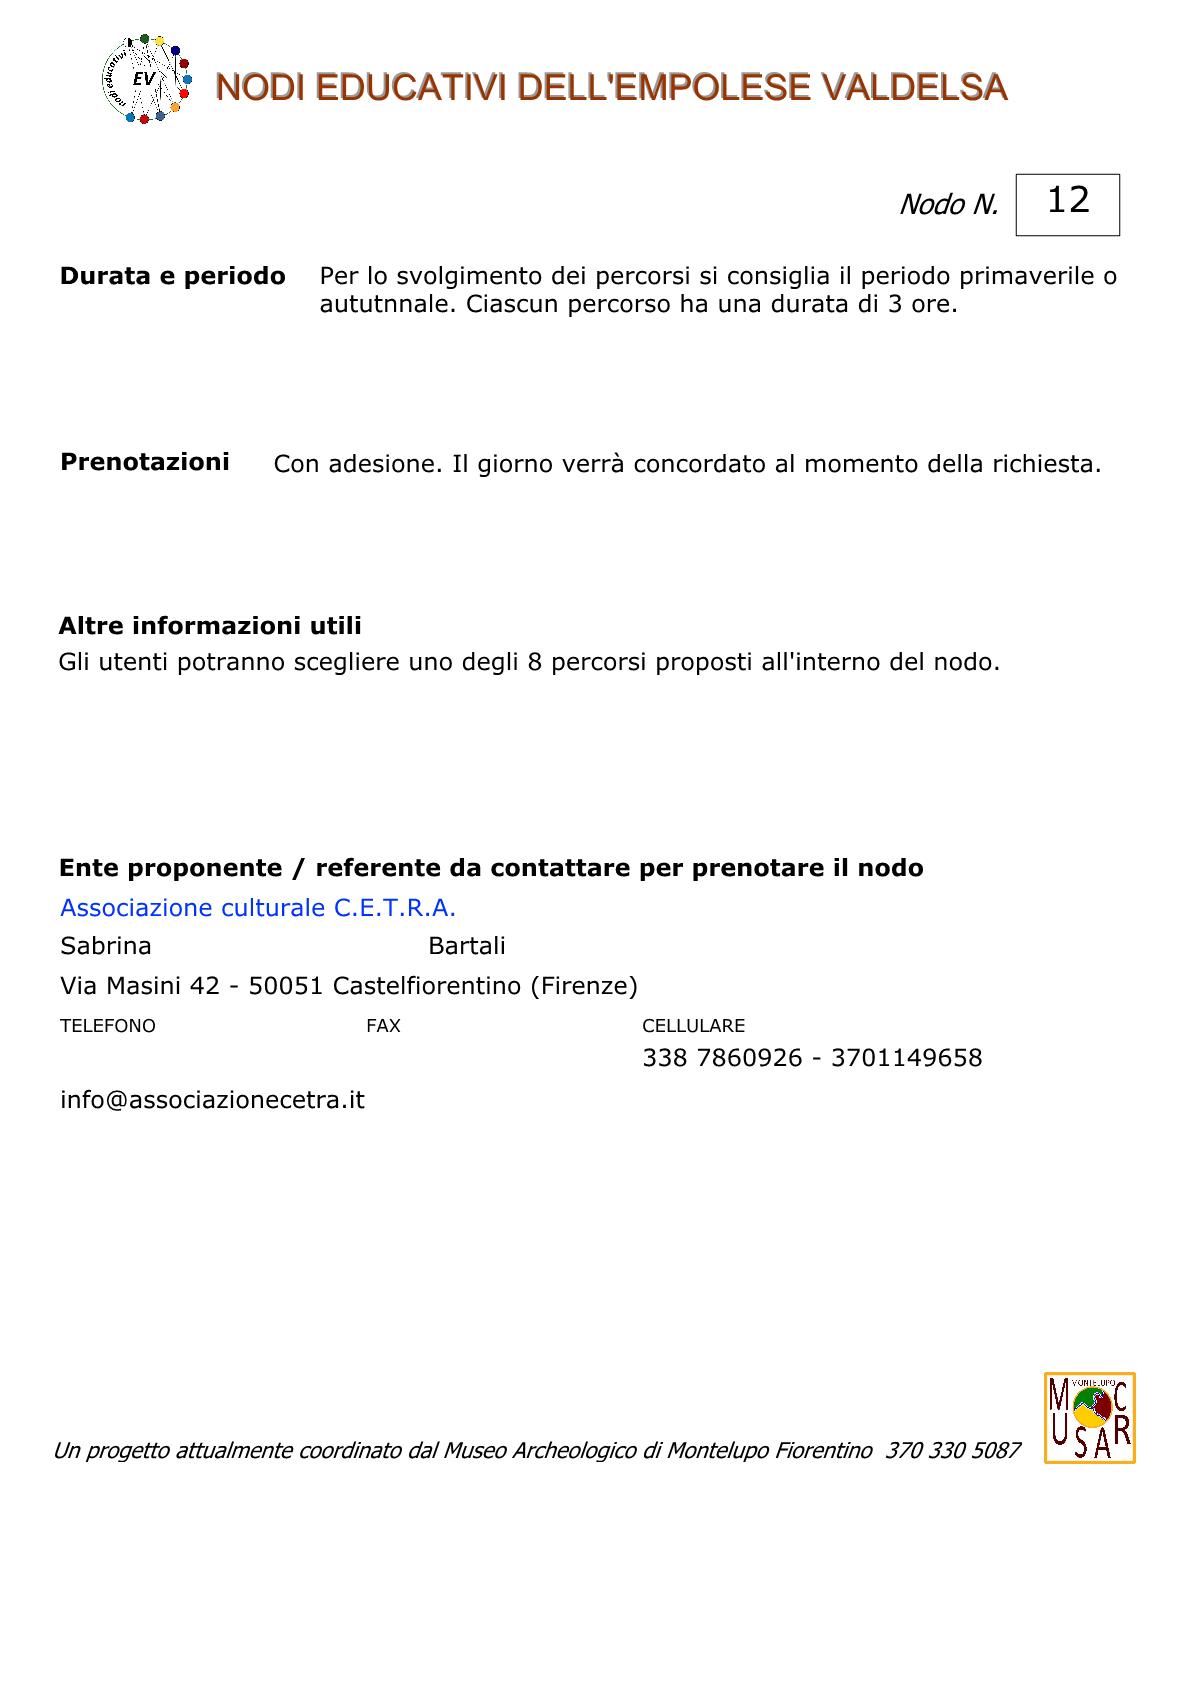 nodi-ev-161001-n-0123